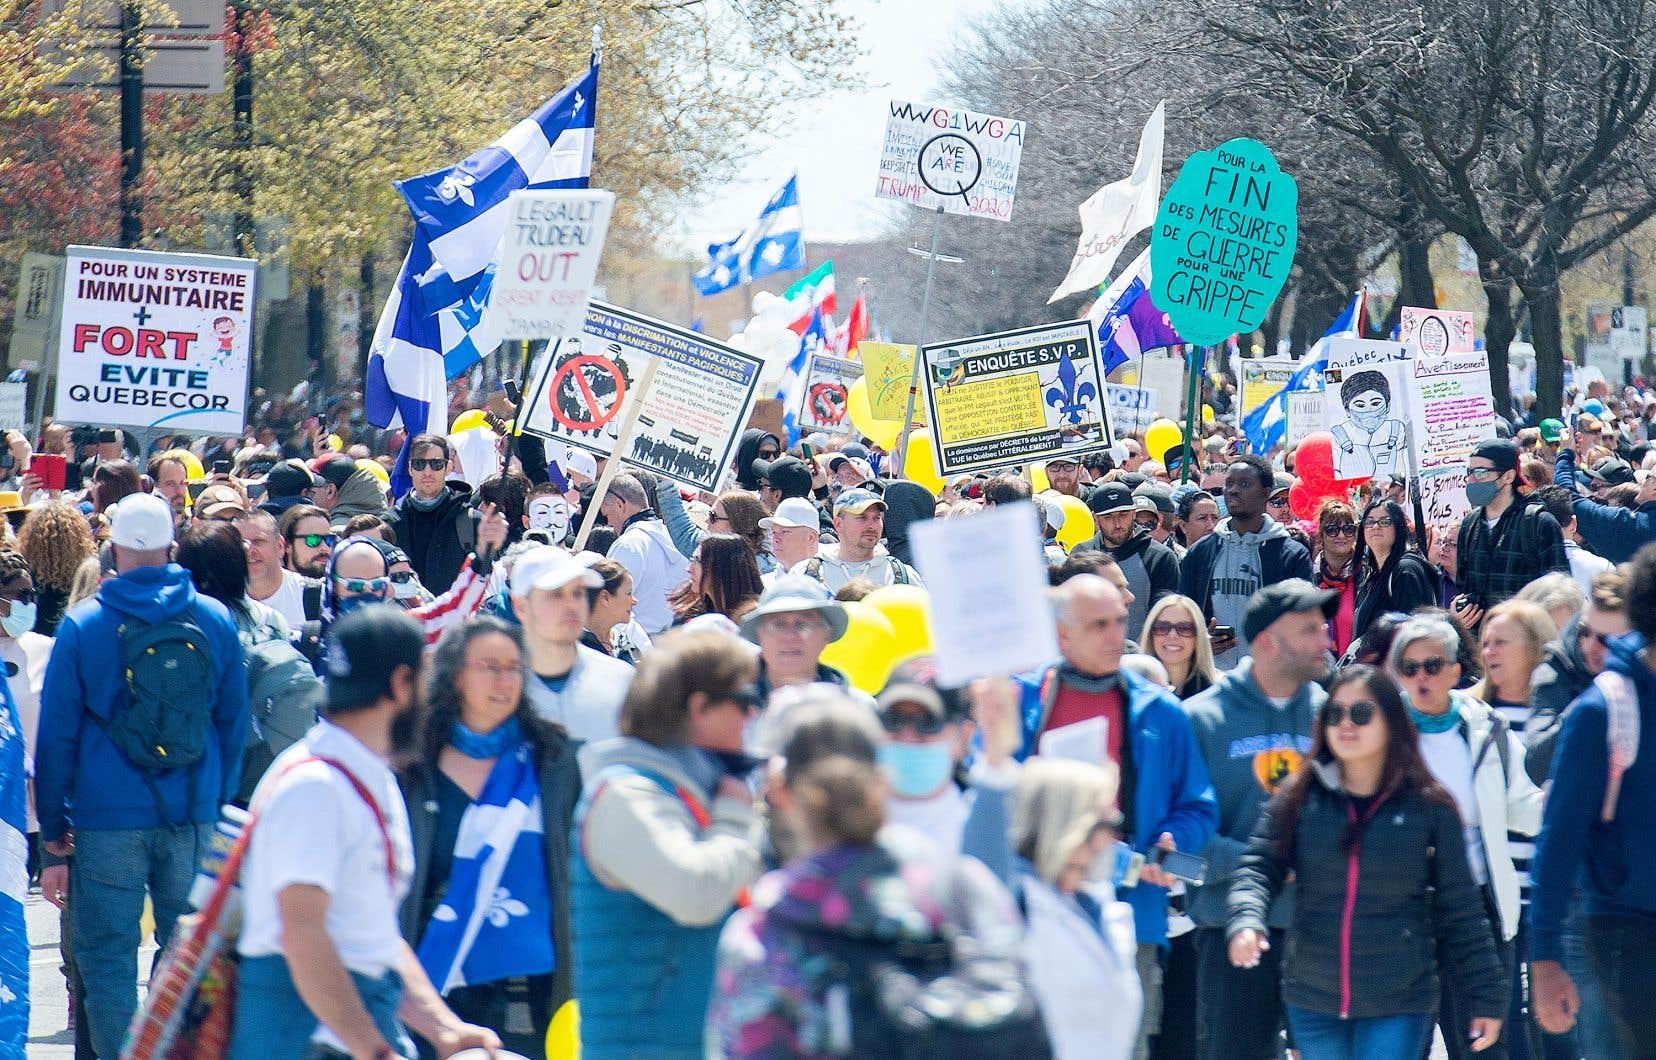 Il ne faudrait pas croire que le Québec et le Canada sont épargnés par cette polarisation sur les réseaux sociaux, accrue depuis le passage de Donald Trump à la Maison-Blanche, estime le professeur de journalisme à l'UQAM Patrick White. Sur la photo, des citoyens lors d'une manifestation, samedi, à Montréal, contre les mesures sanitaires imposées par Québec.